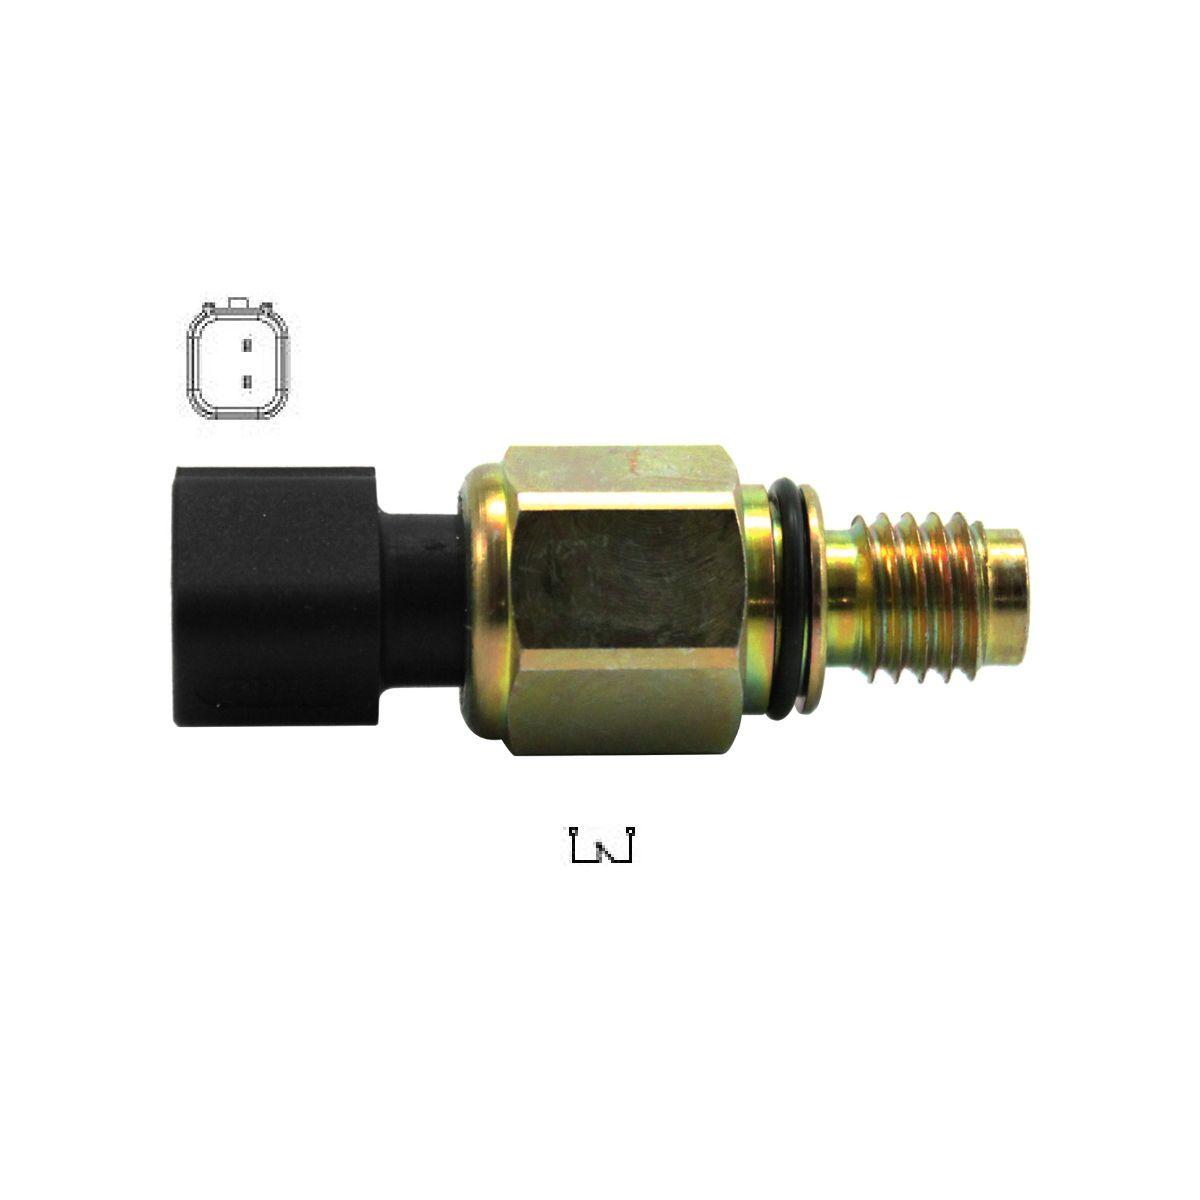 Interruptor De Pressão Da Direção Hidráulica Ford Focus 3-RHO 9904